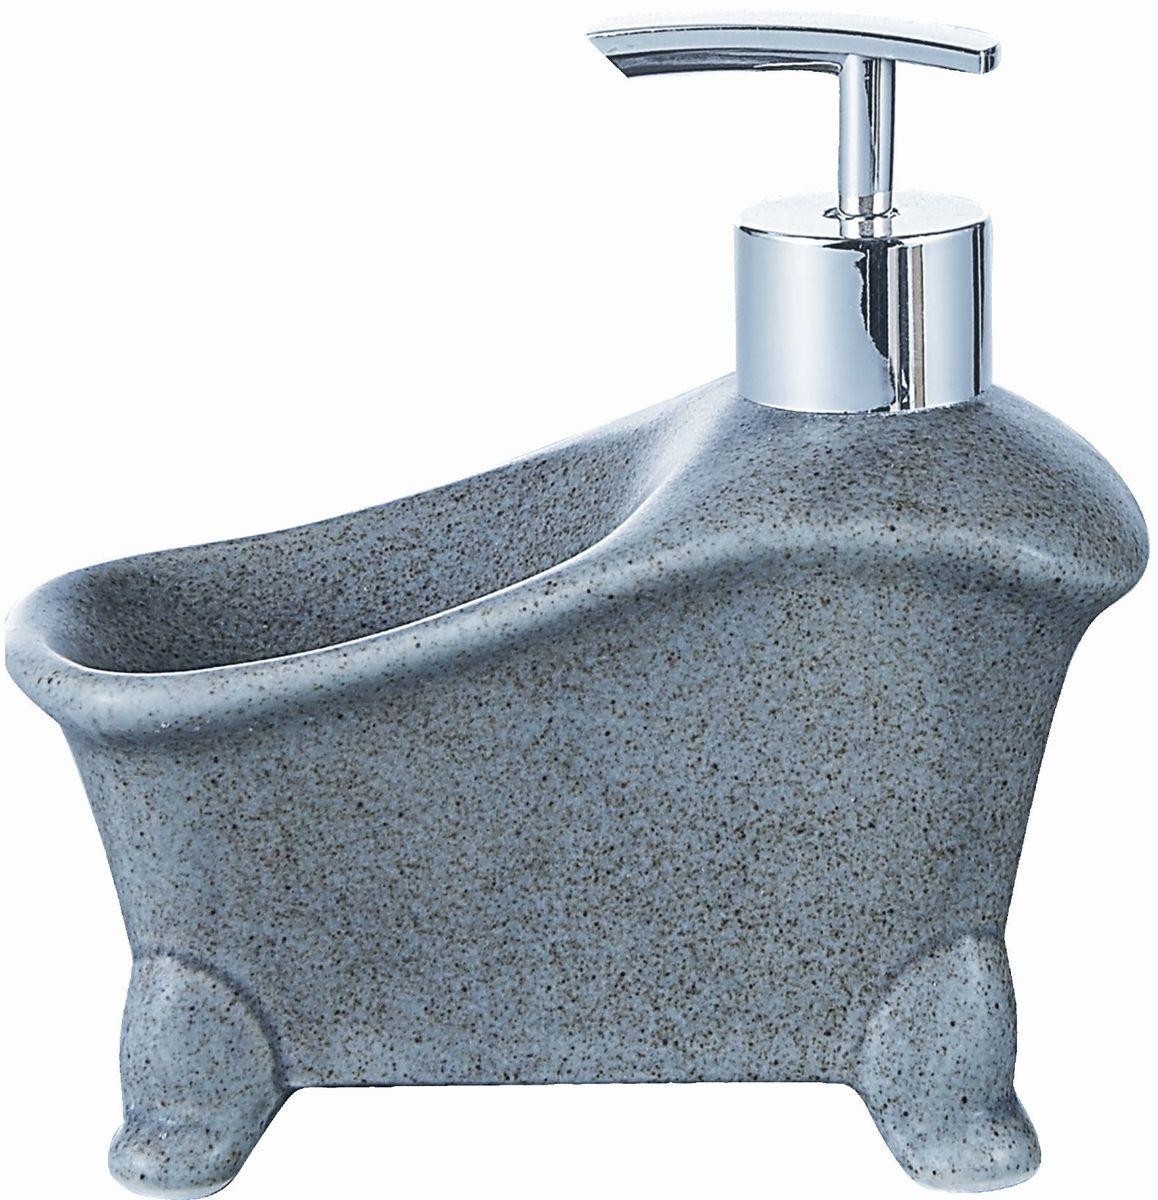 Дозатор для жидкого мыла Elrington, с подставкой для губки. FJH-10771-A203FJH-10771-A203